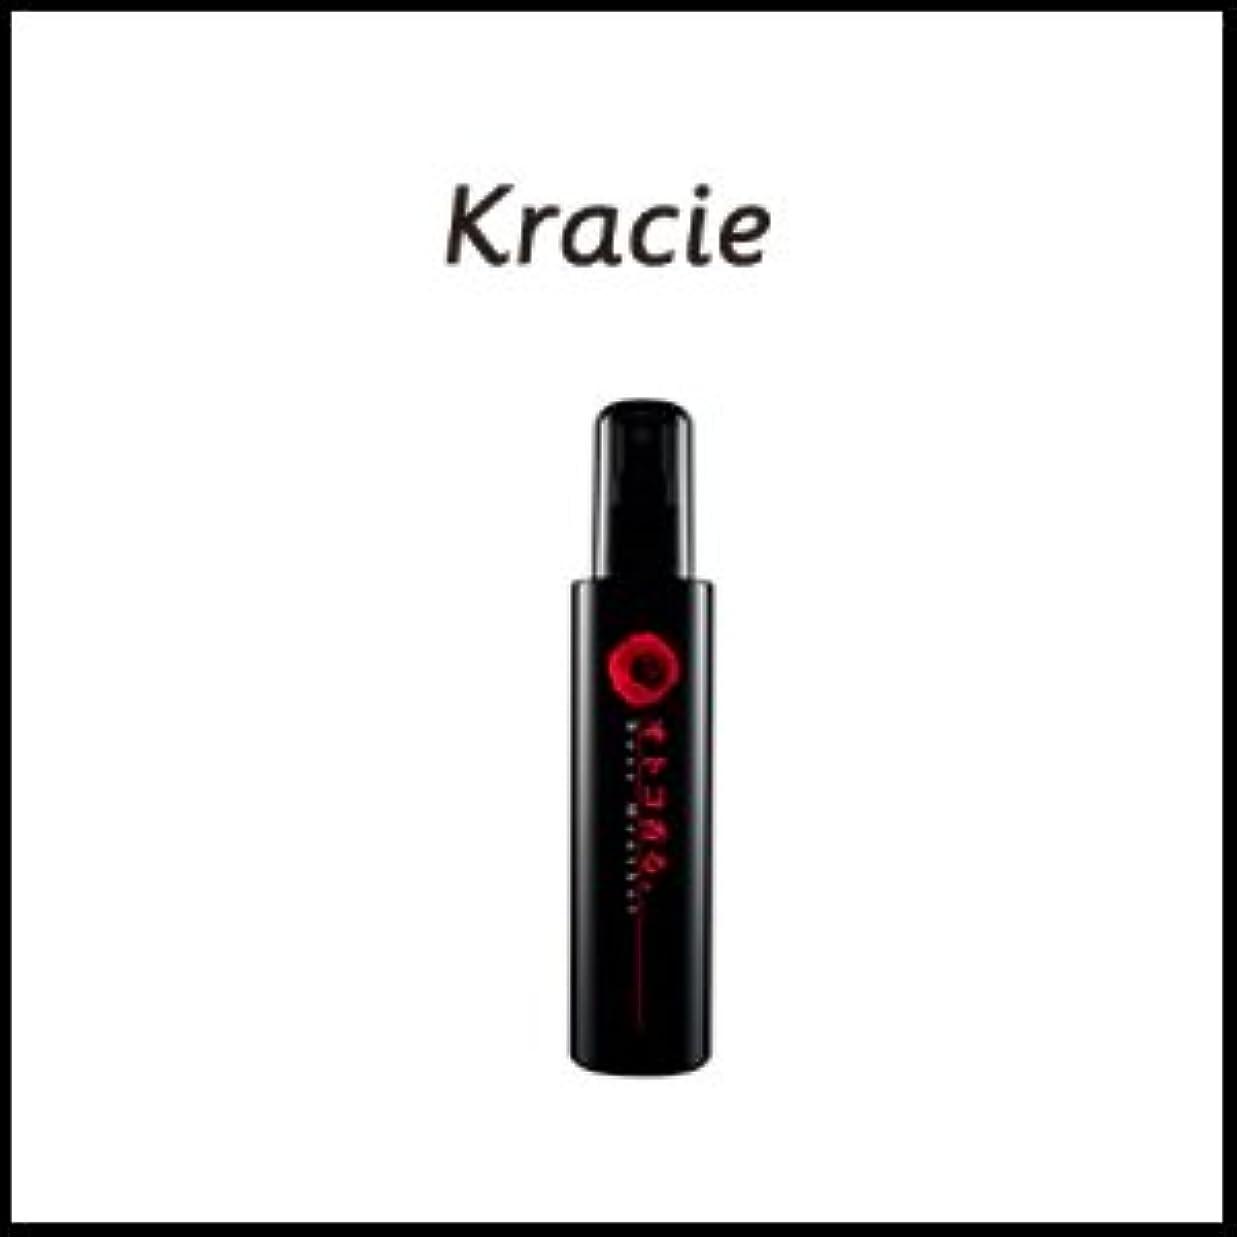 かご種援助【X2個セット】 クラシエ オトコ香る トニック(レッドローズ) 150ml 容器入り